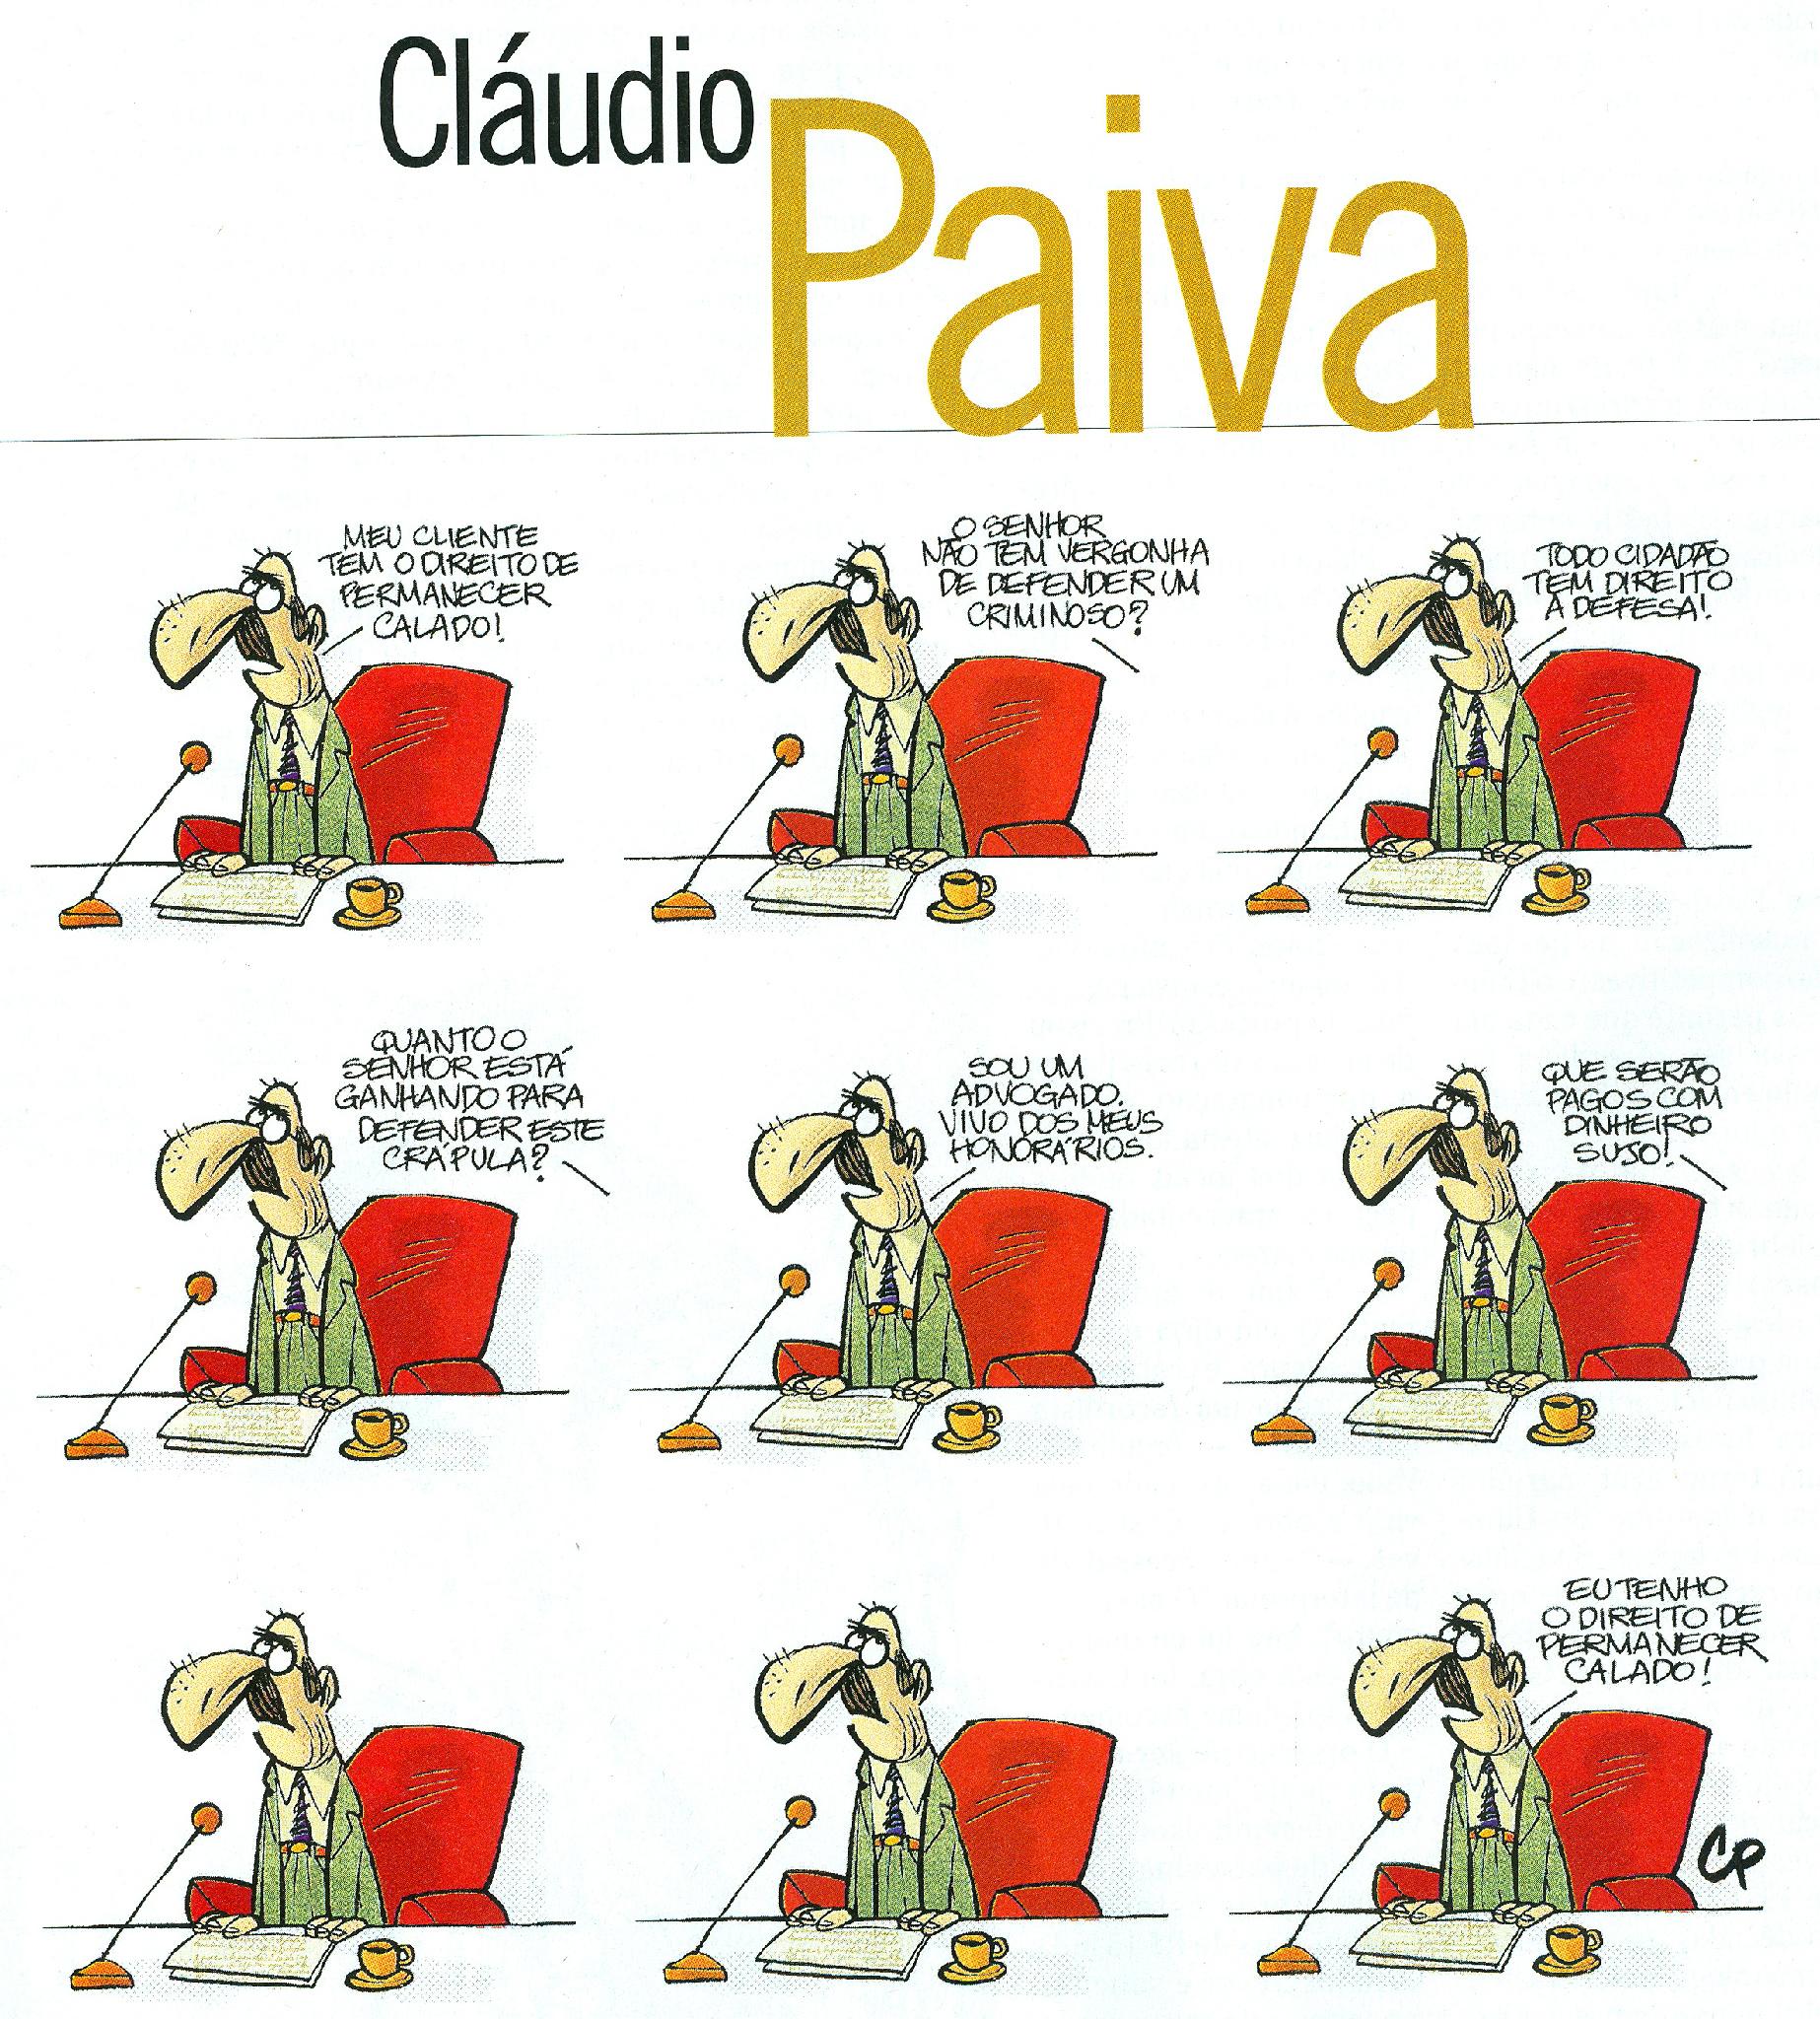 Genial desenho de claudio.paiva@oglobo.com.br na Revista do Globo de hoje. Adivinhem quem é o advogado... http://t.co/X8RnQ6Au